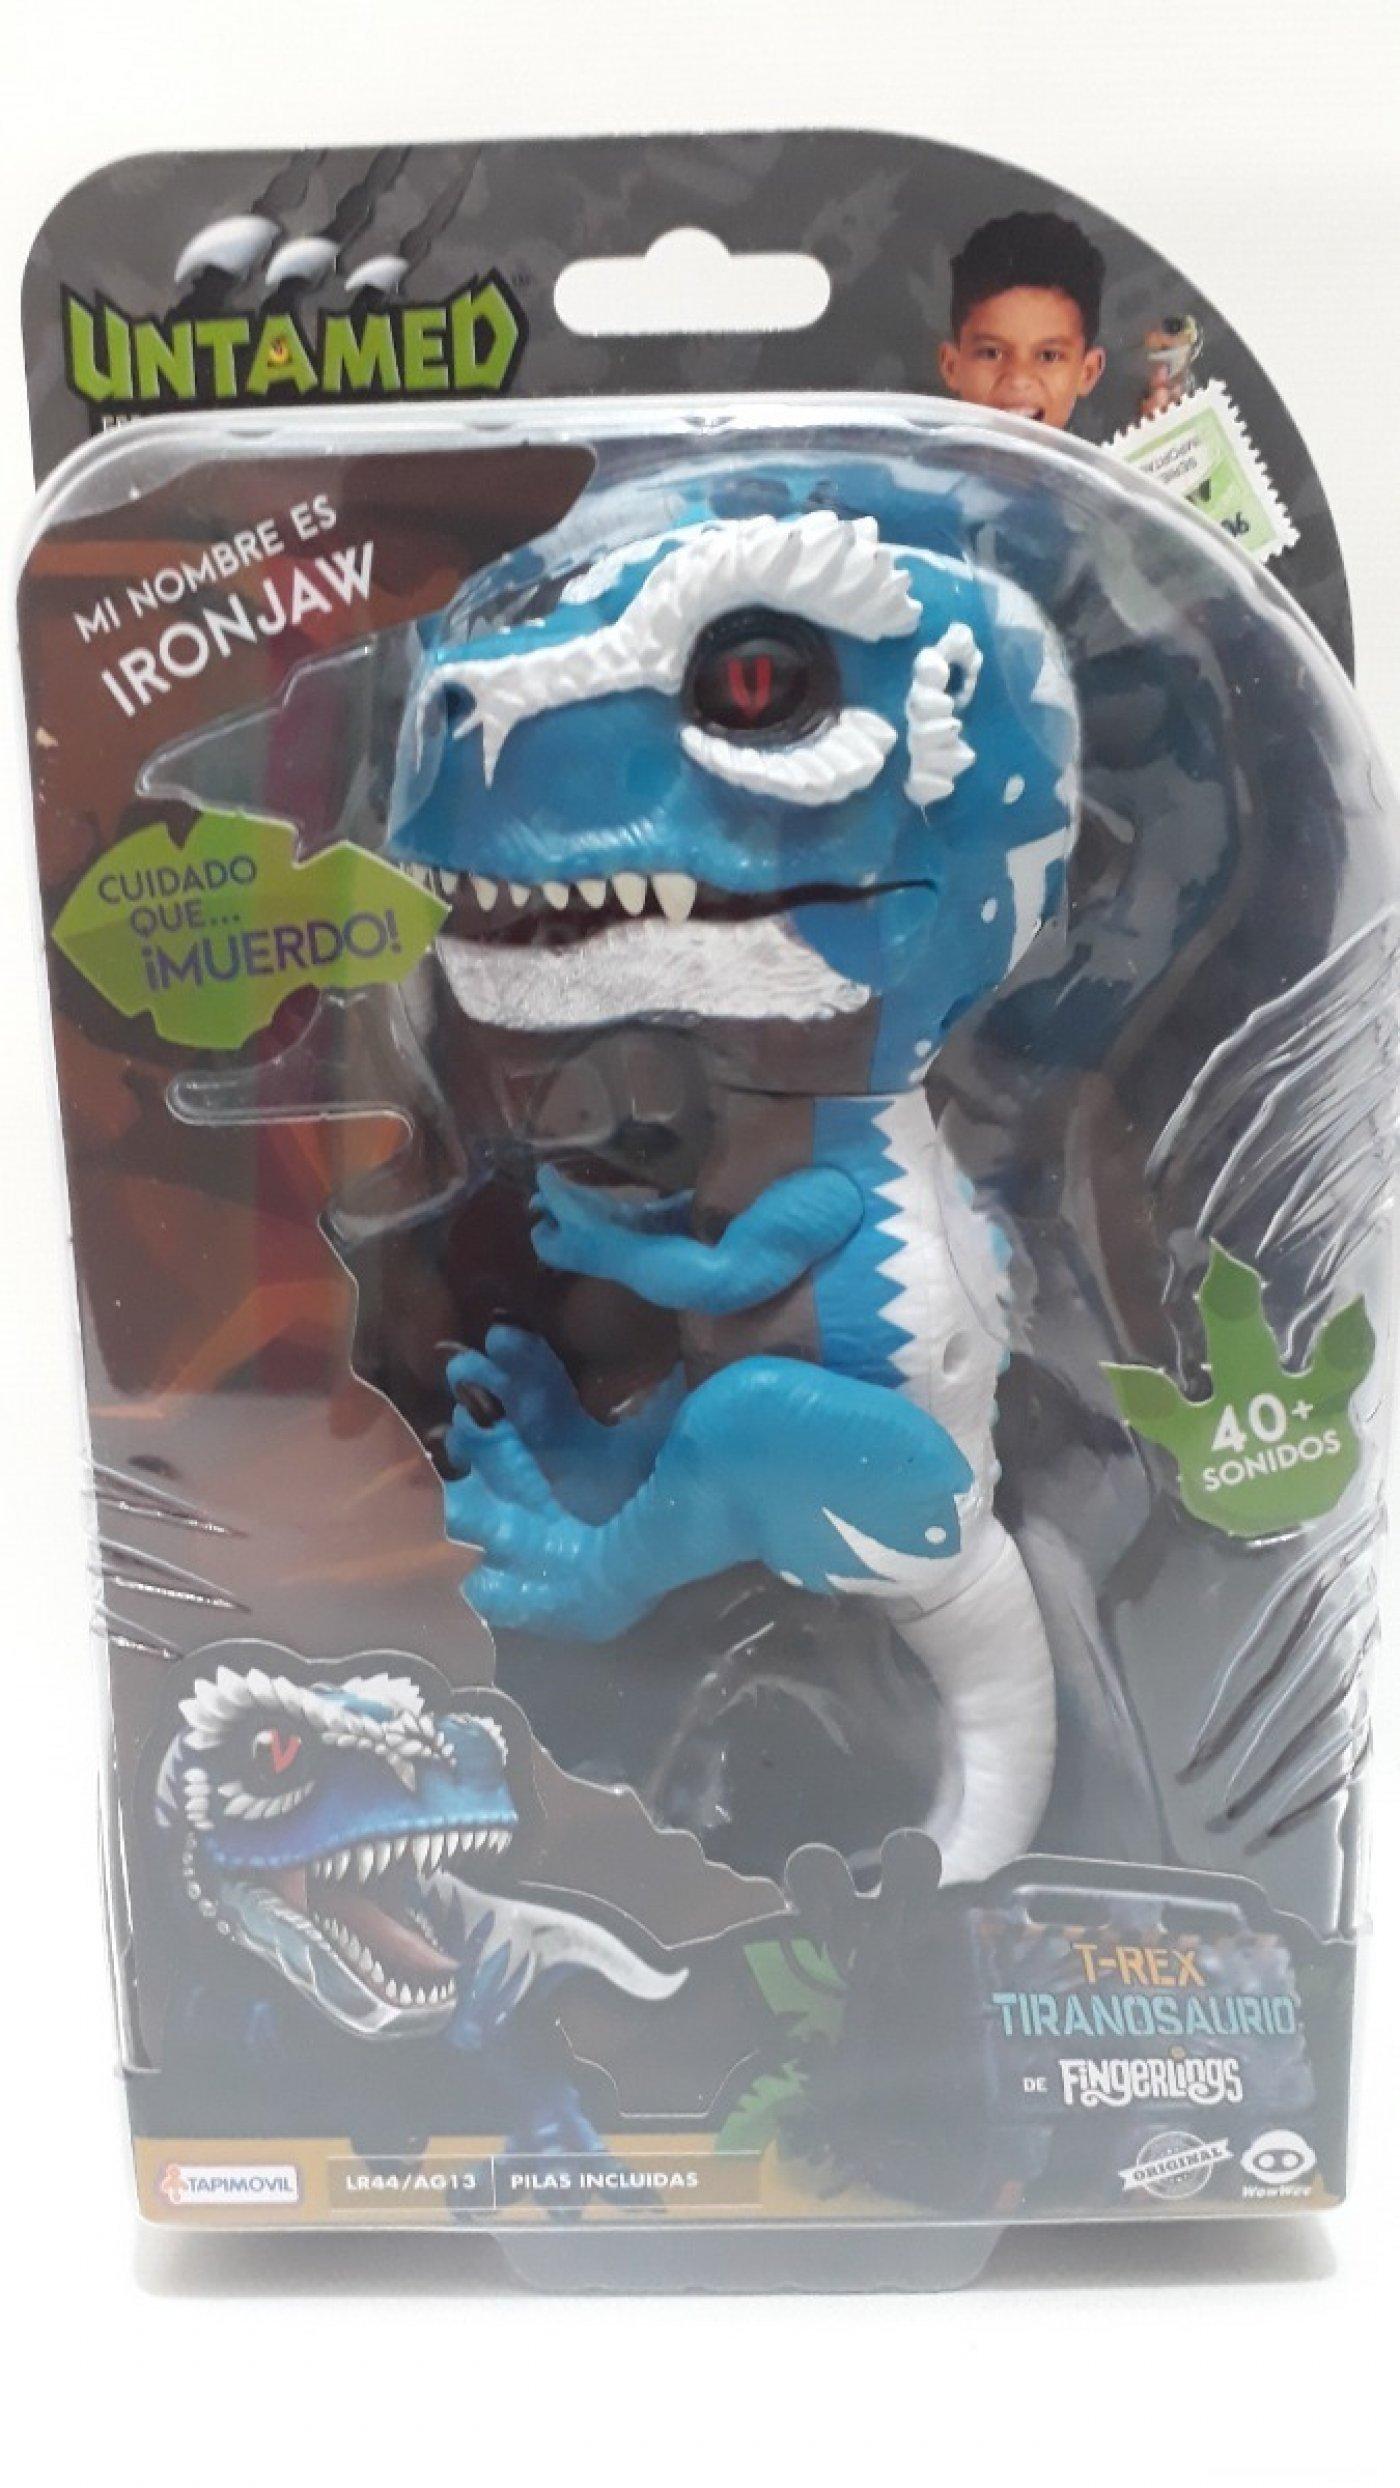 Untamed Dinosaurios Interactivo Los últimos dinosaurios es un simpático cuento para ensañar que las cosas cambian y tenemos los últimos dinosaurios. lo nuevo en jugueteria myr